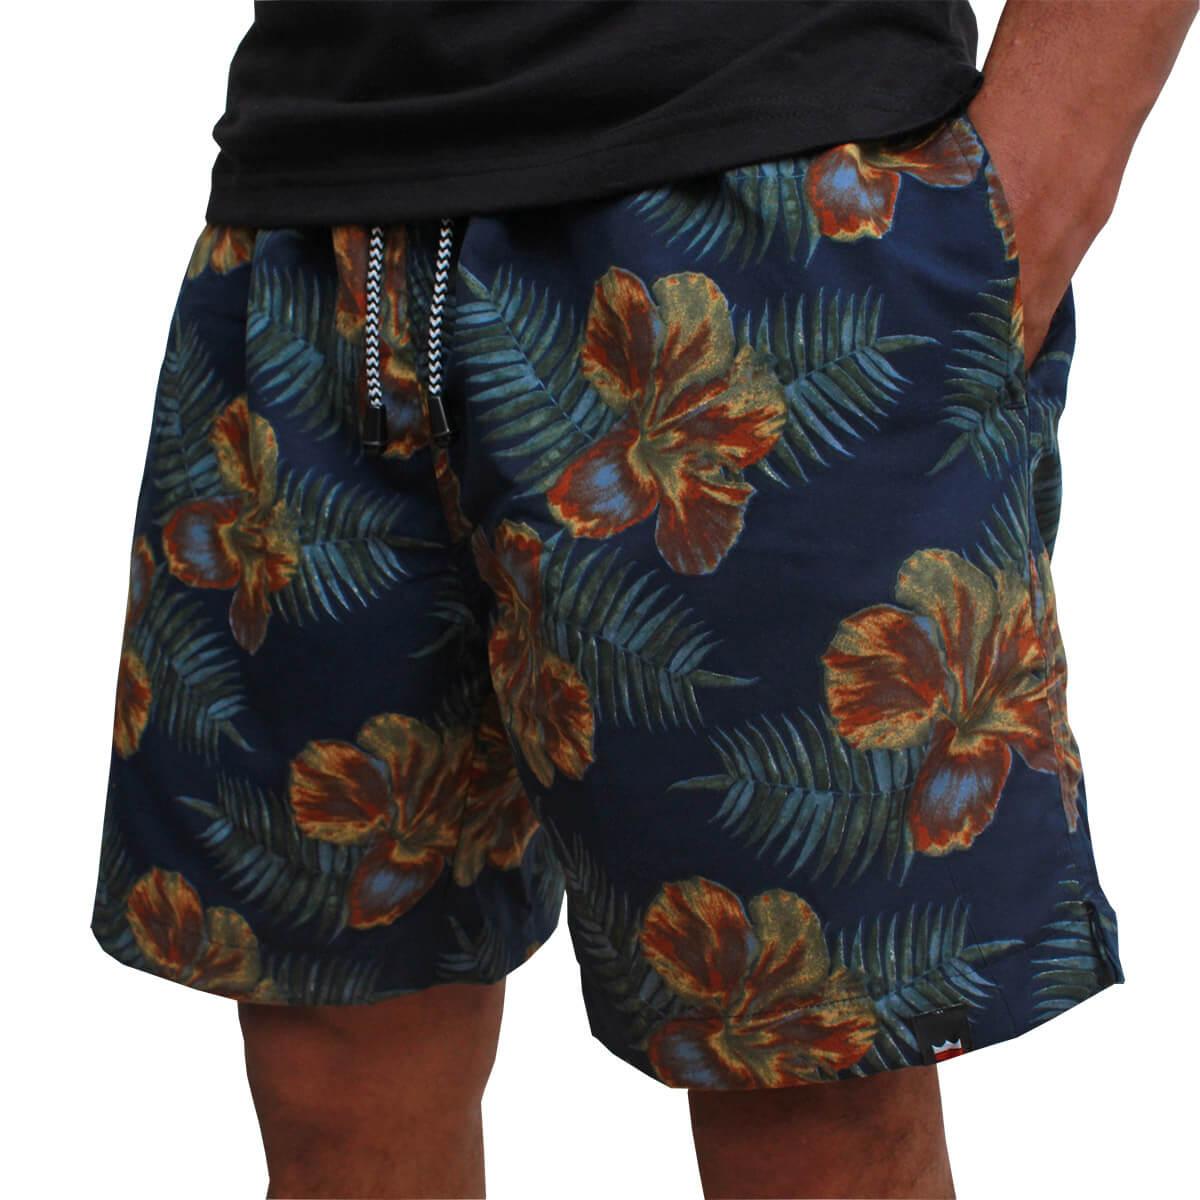 Short Os Vaqueiros Masculino Azul Estampa Floral